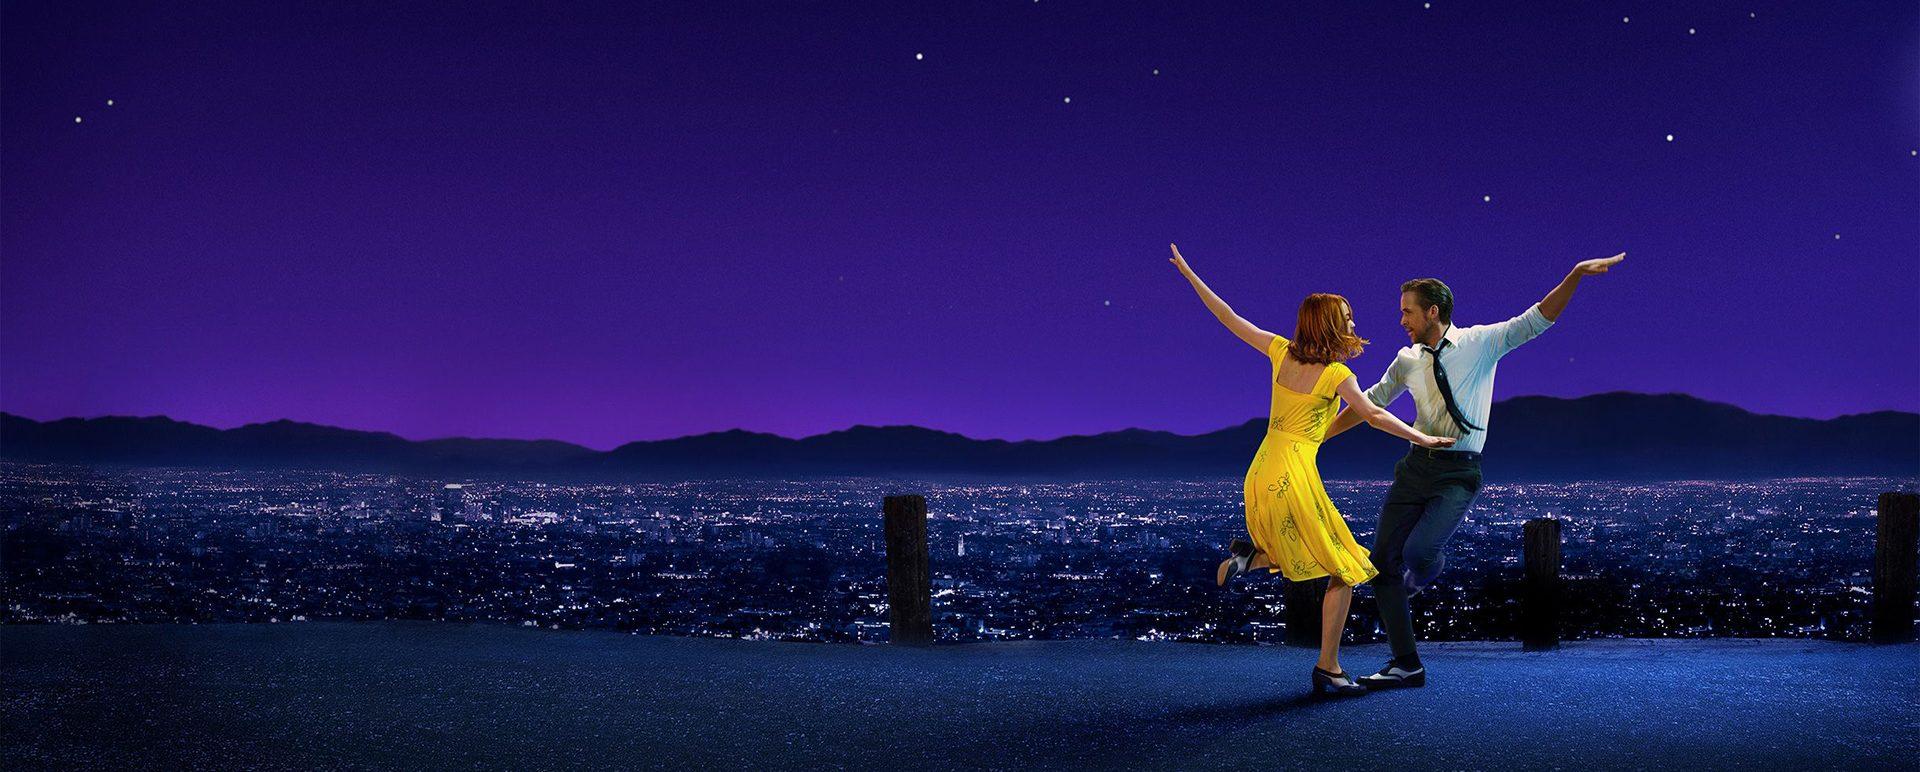 Let's Debate: Does La La Land Deserve Its Inevitable Best Picture Win?